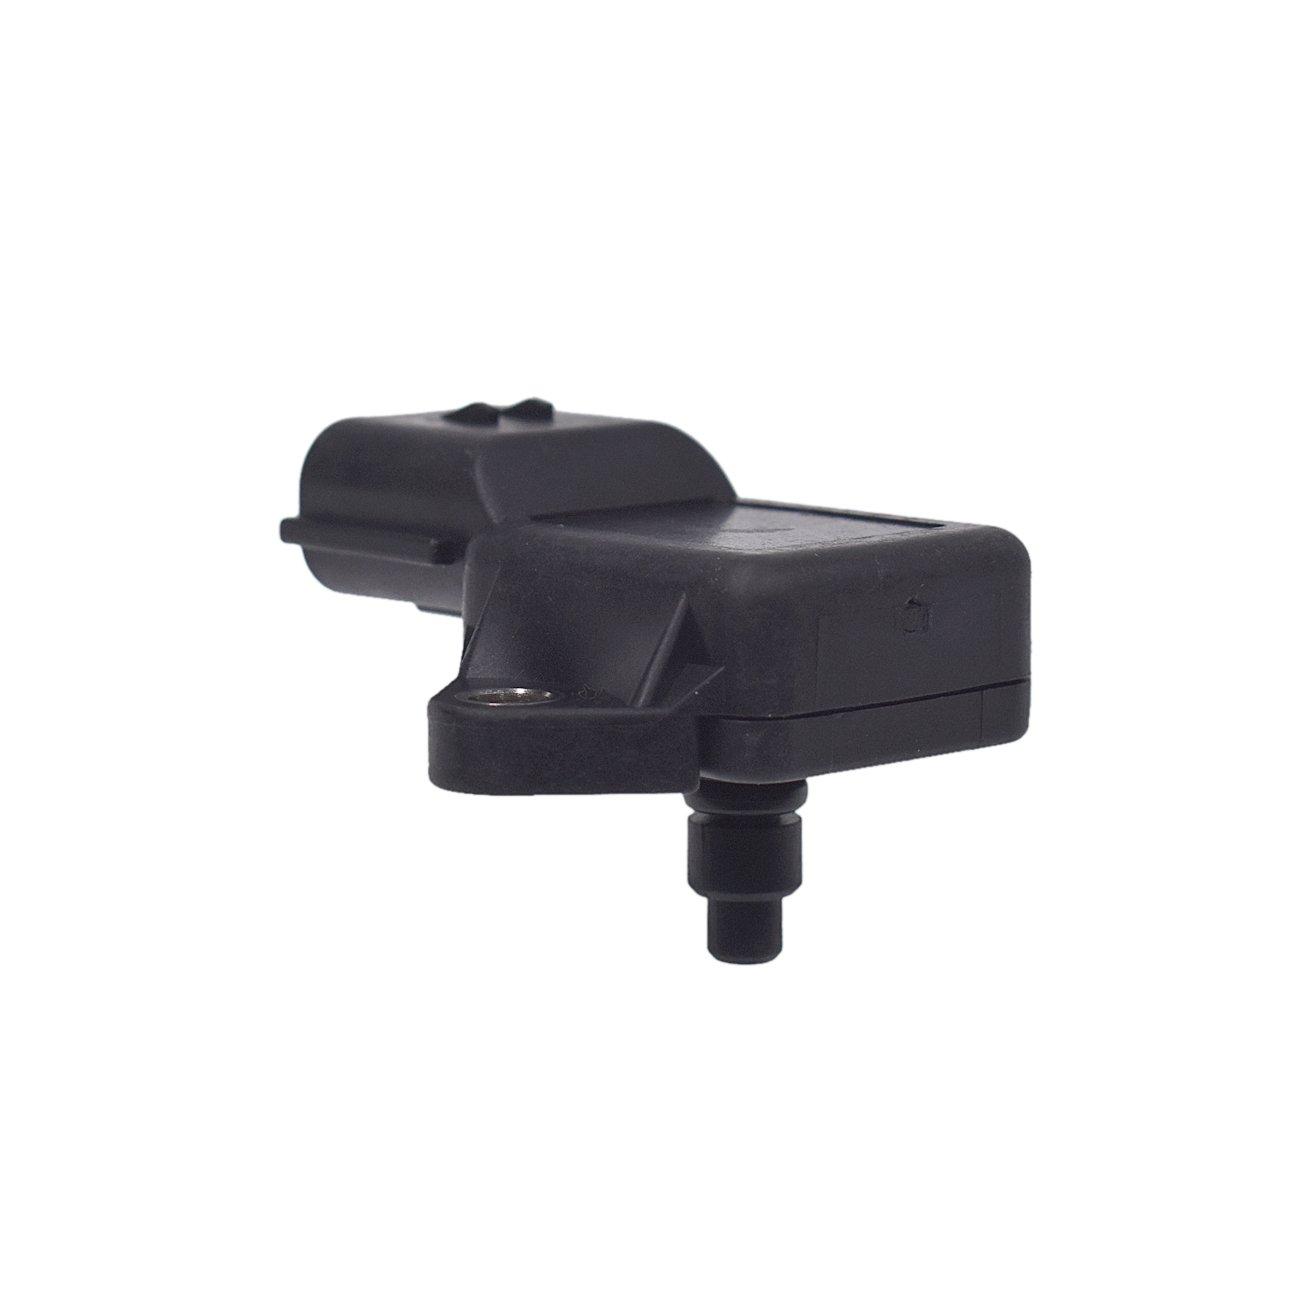 JRL mannigfaltigkeit Map Sensor f/ür Suzuki Toyota Subaru Isuzu VW 18590/Einhand/ /79/F00/079800 5050